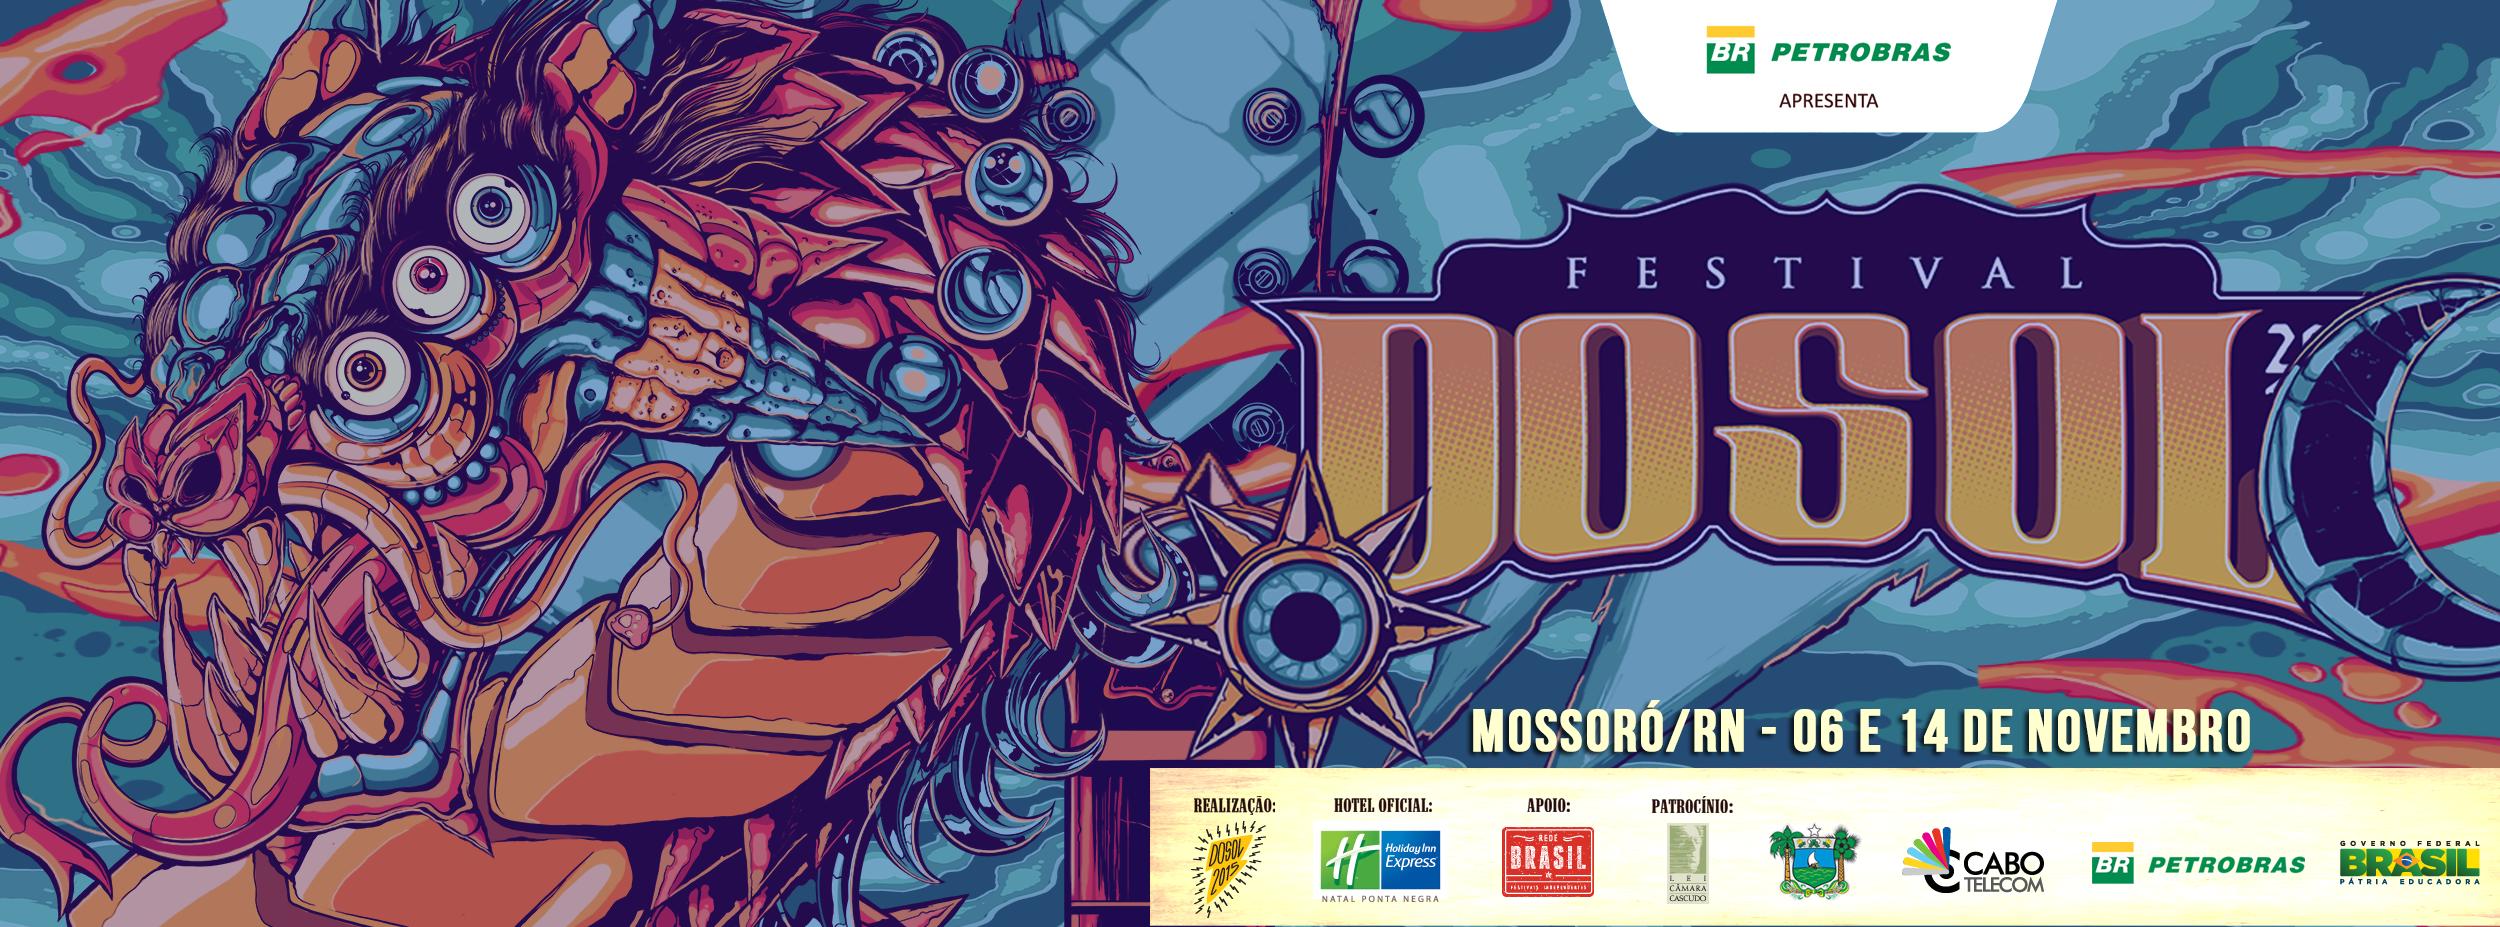 Festival DoSol 2015 - Mossoró/RN